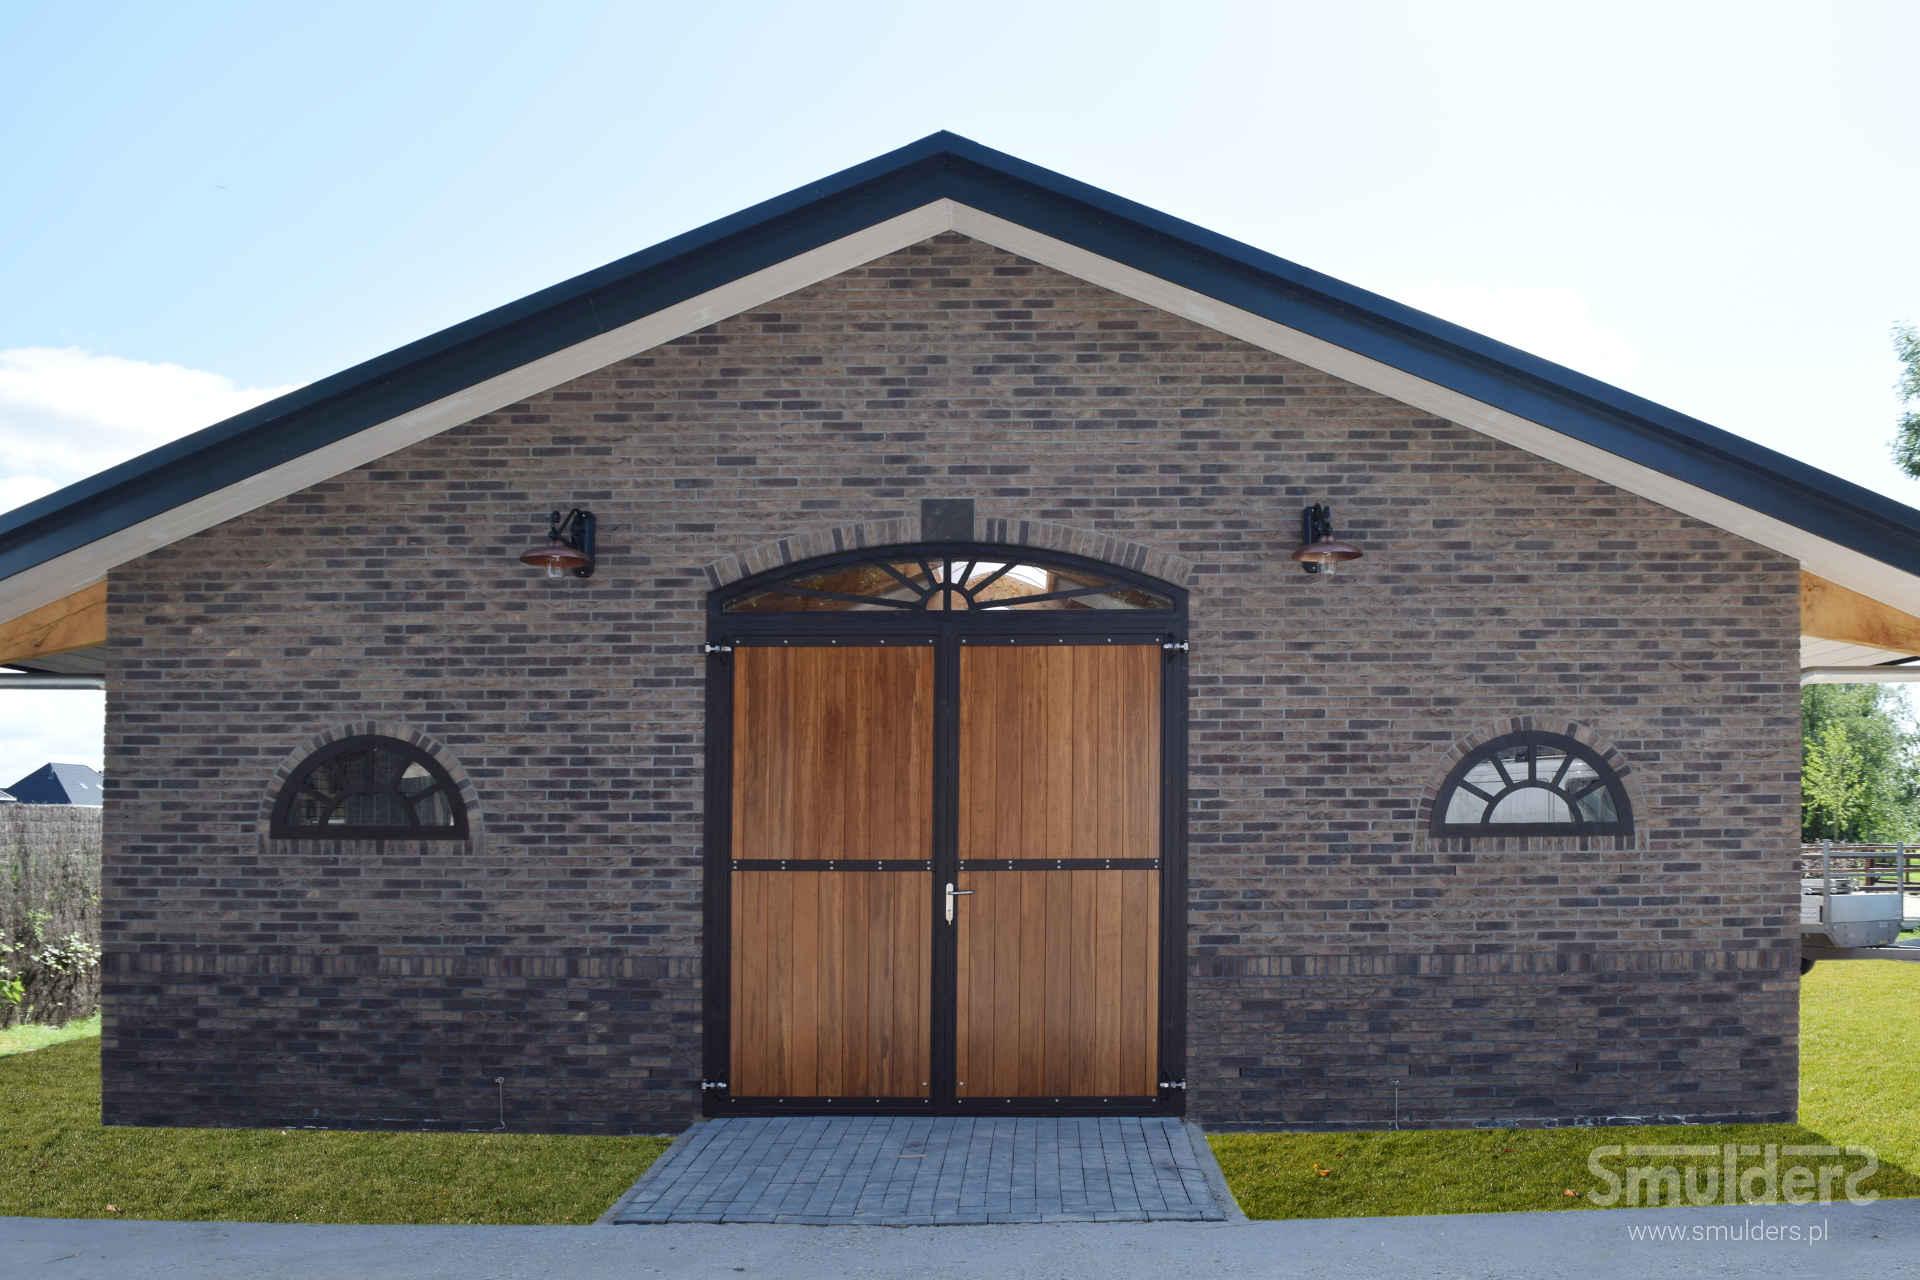 http://www.smulders.pl/wp-content/uploads/2016/10/f003_TBV_barn-door_windows_SMULDERS_PL.jpg